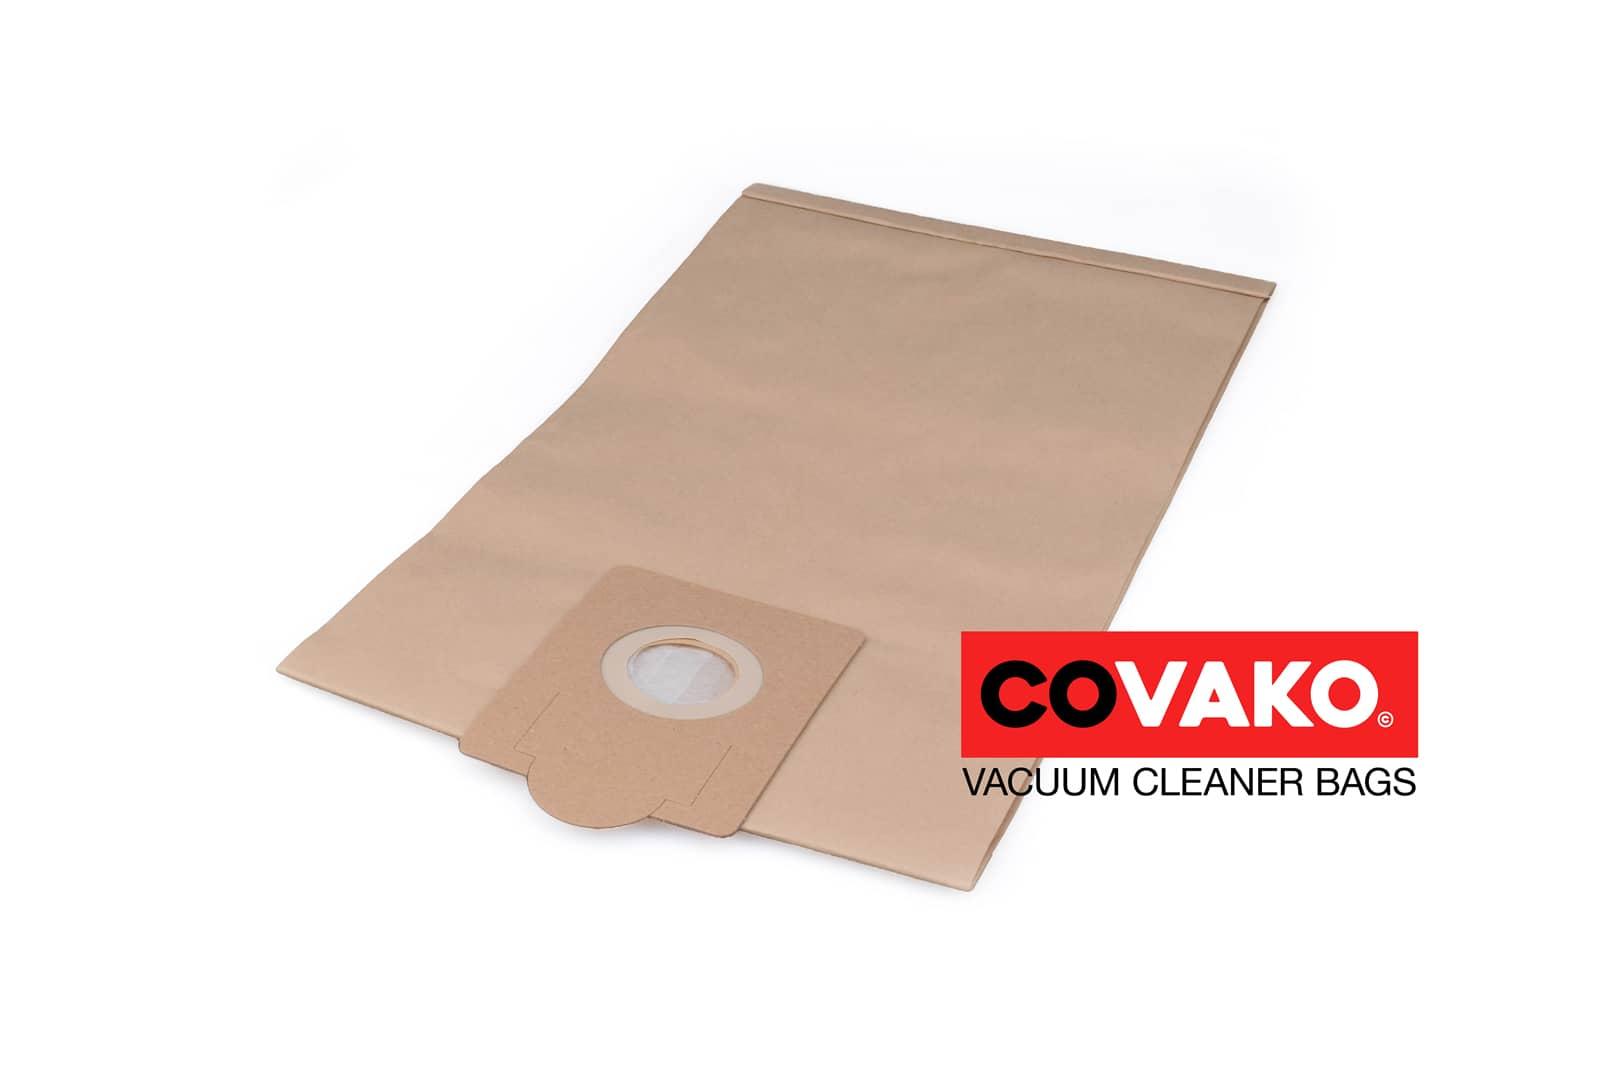 Fakir S 22 / Paper - Fakir vacuum cleaner bags